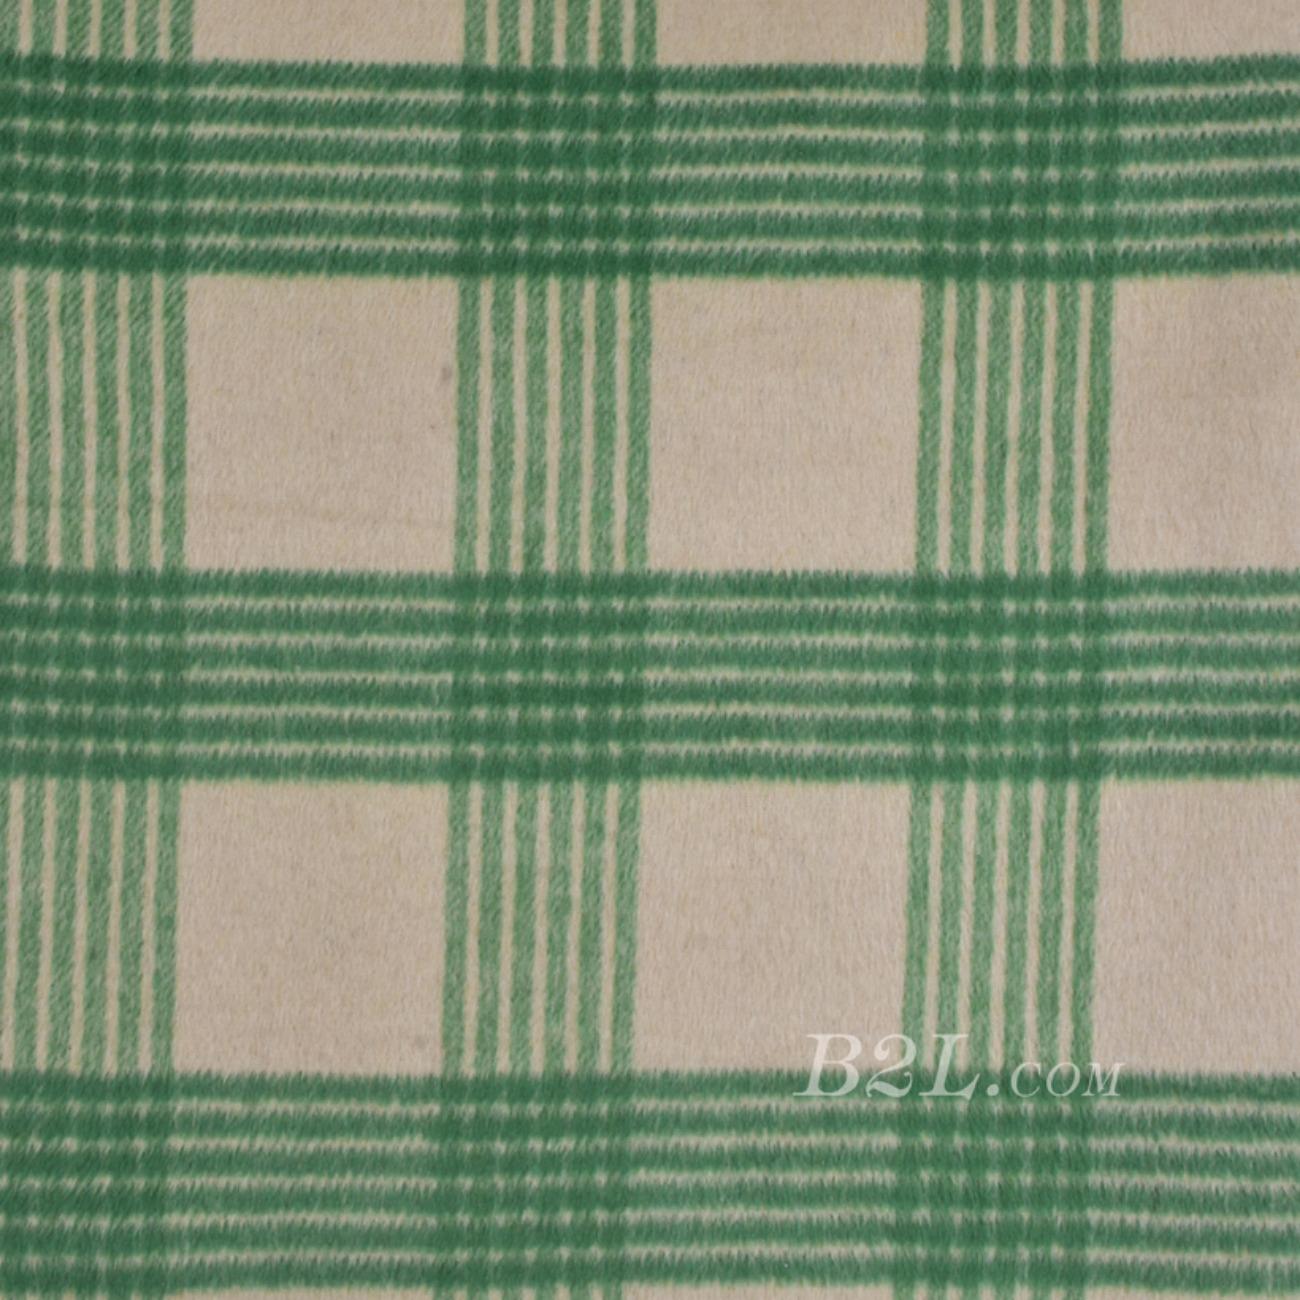 毛纺 格子 梭织 色织 羊毛 低弹 绒感 秋冬 外套 大衣 80917-5